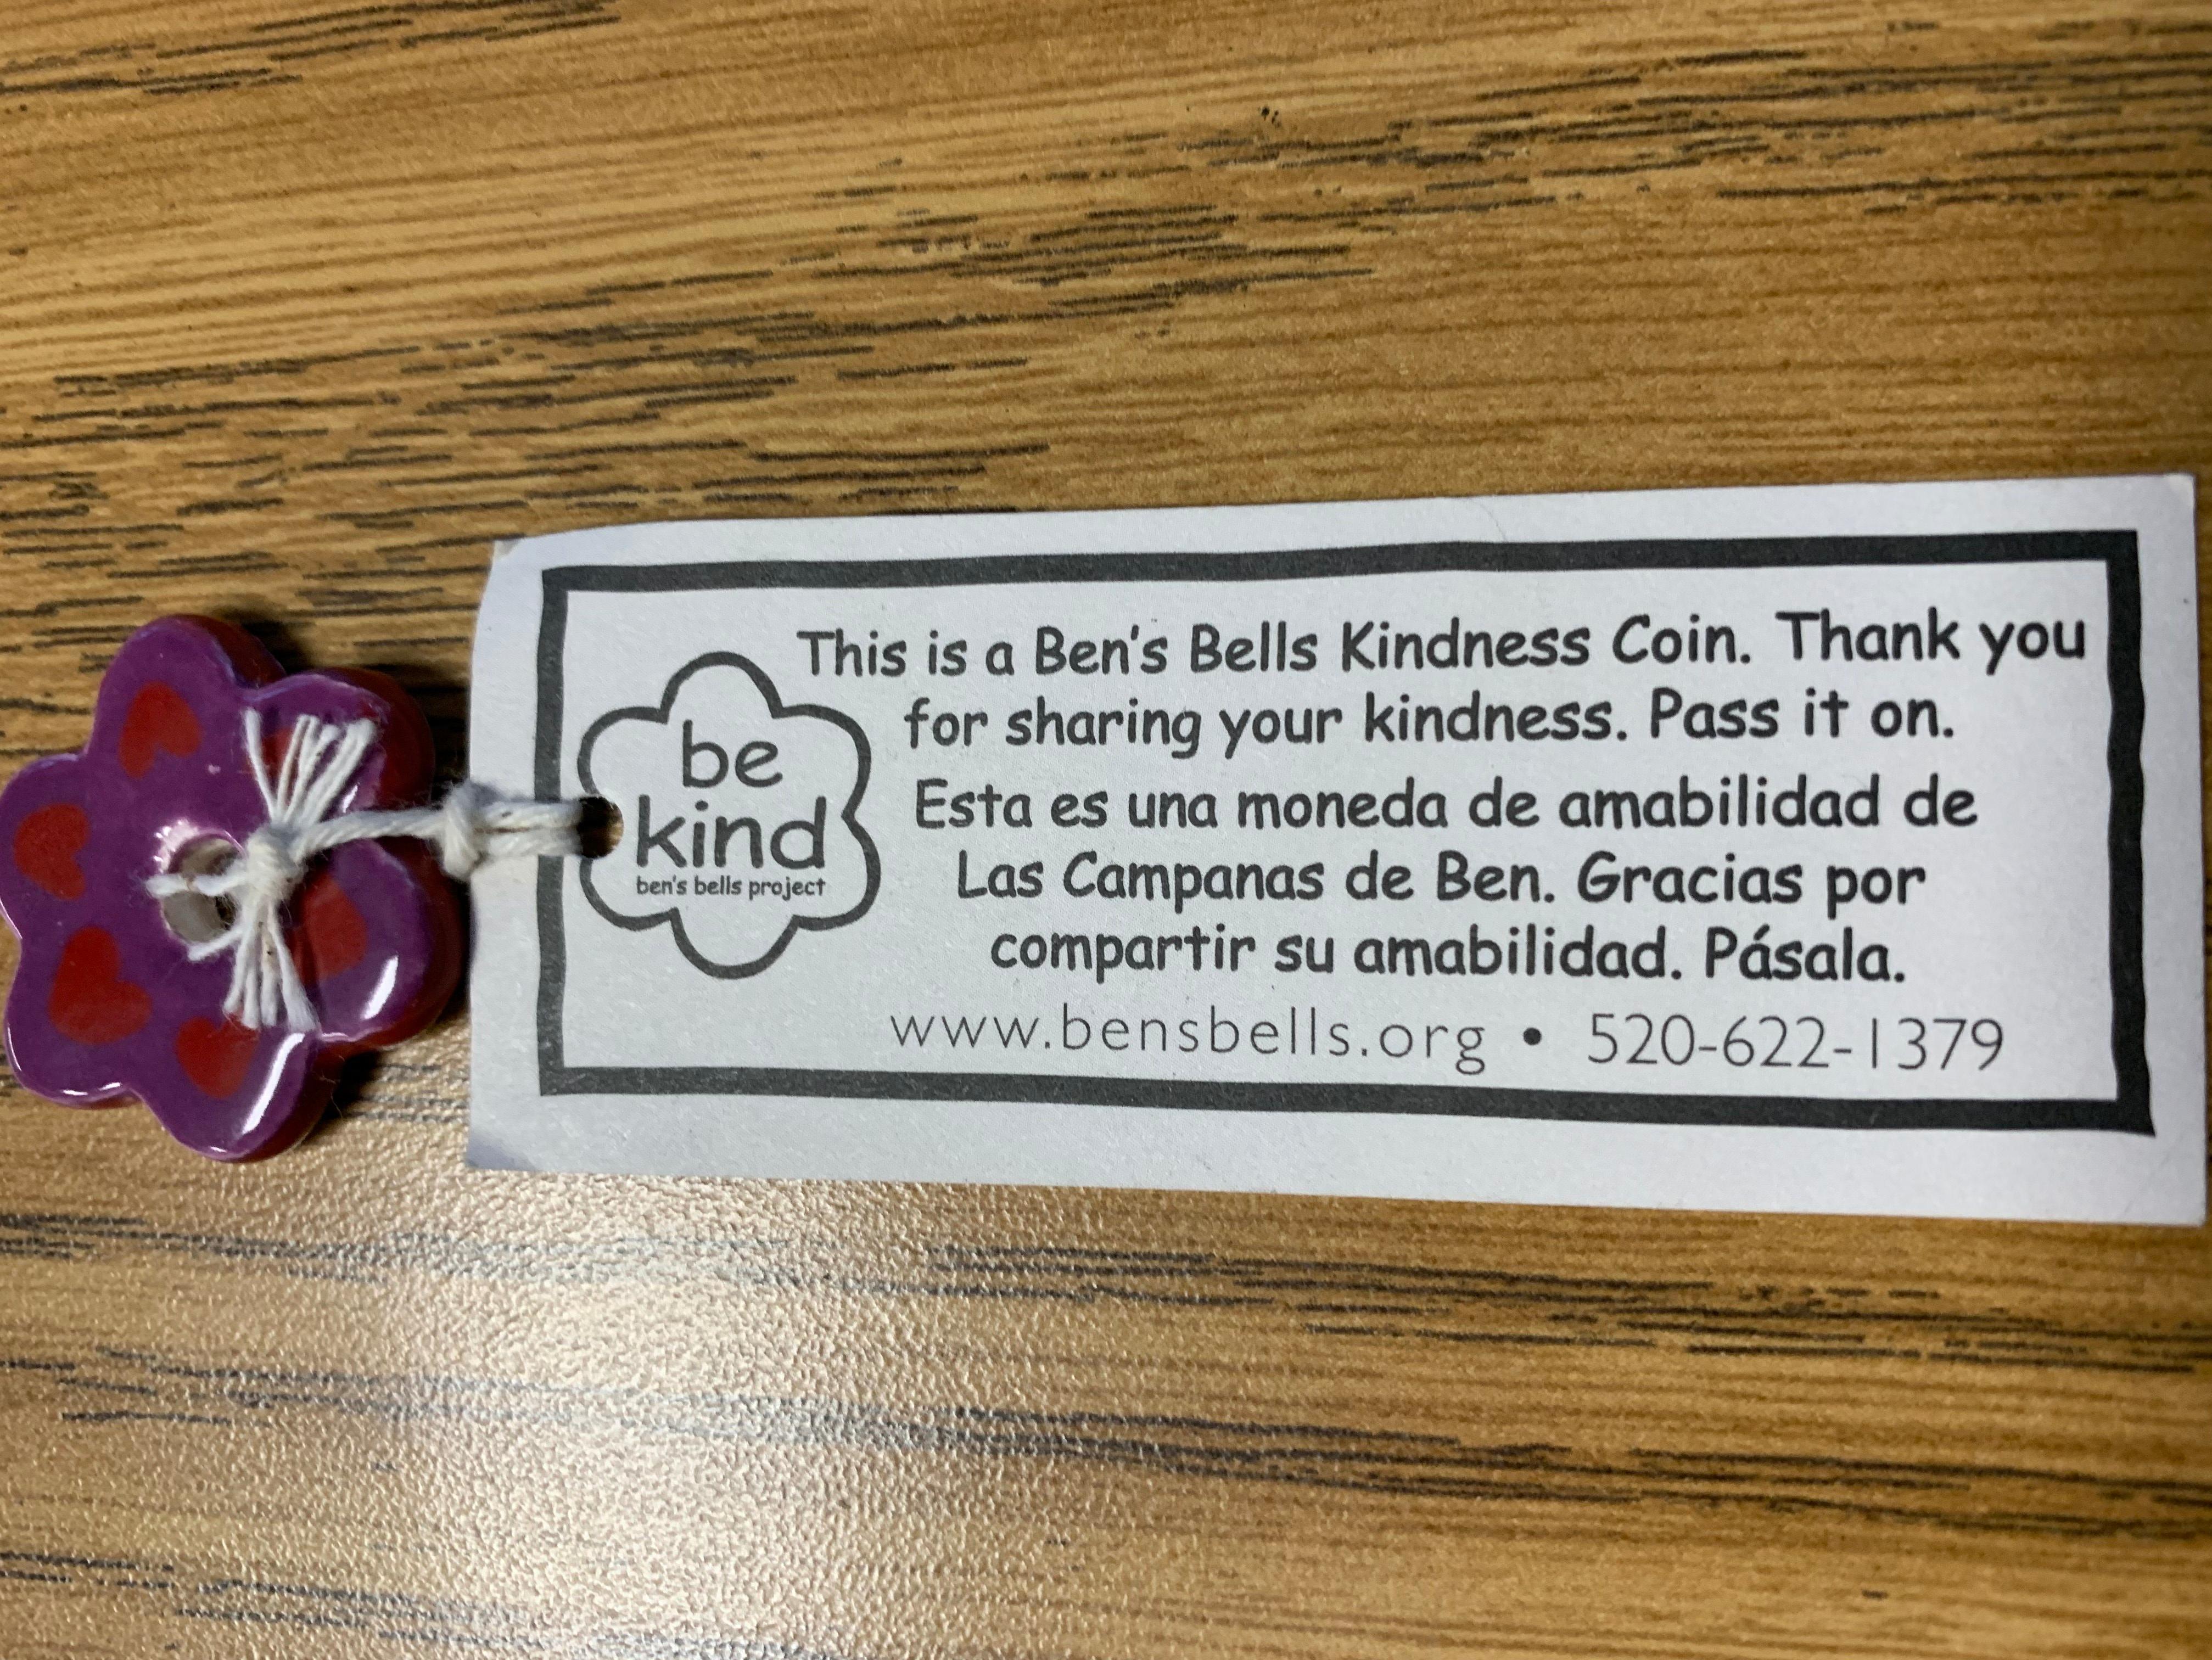 Ben's Bells Kindness Coin